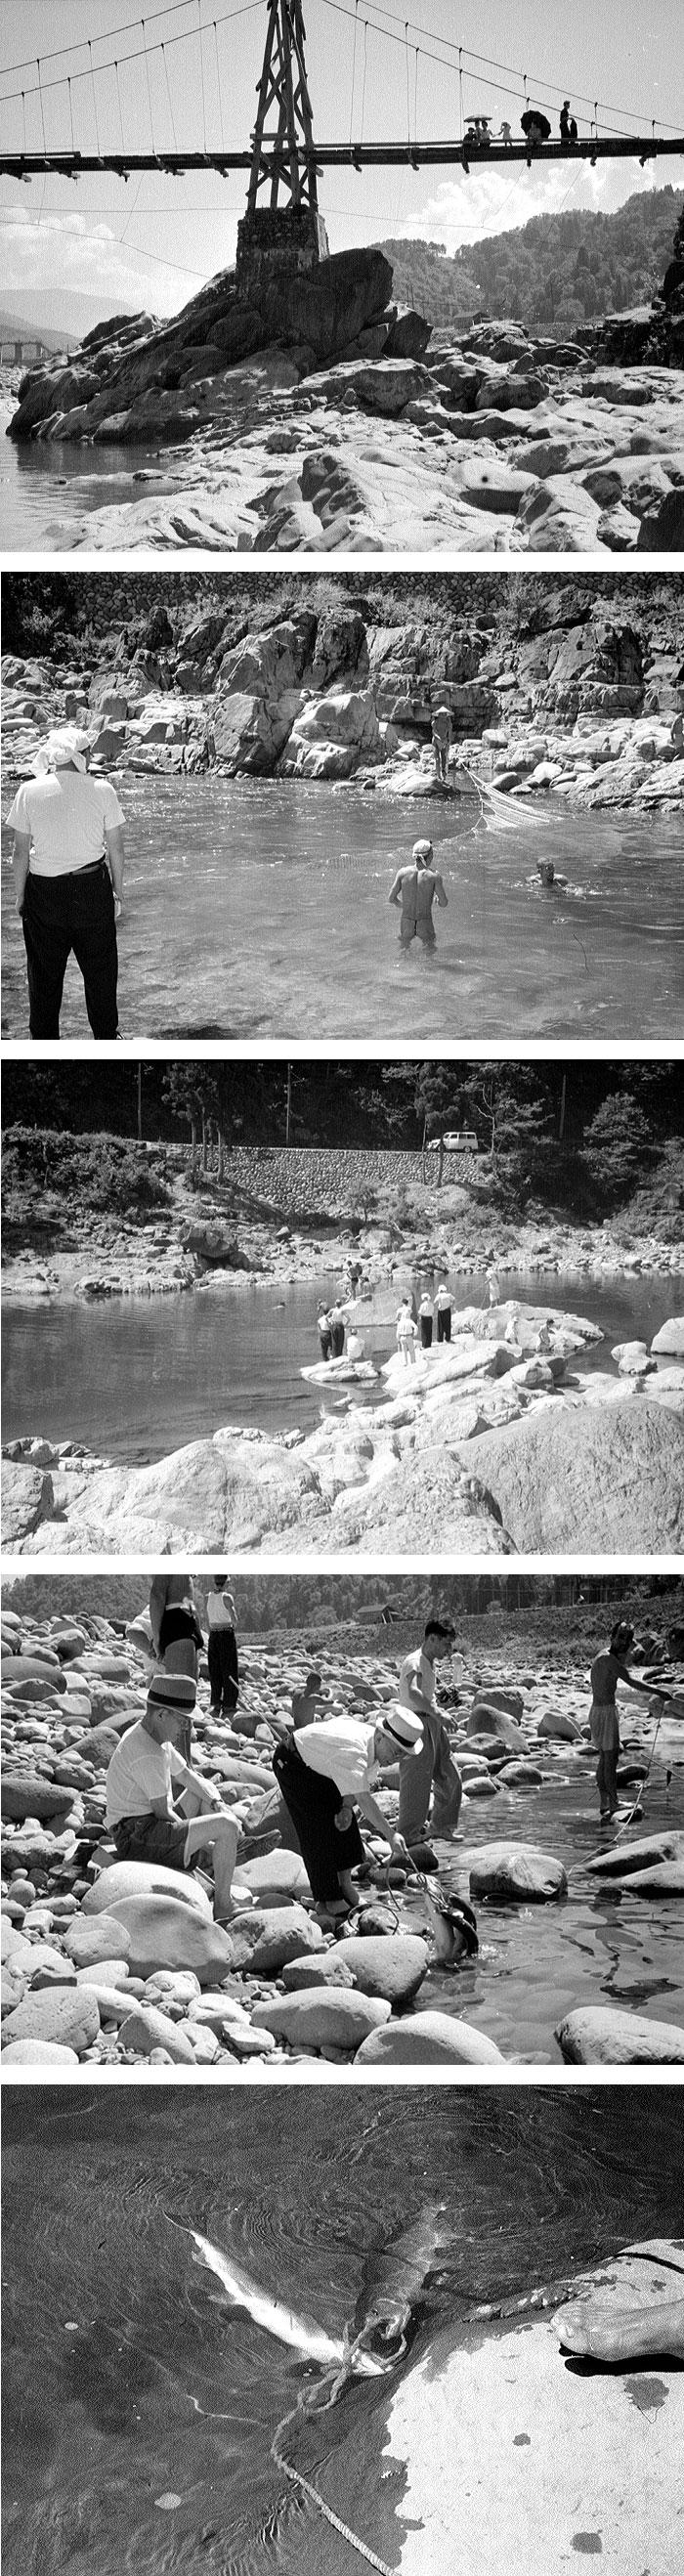 夏になると網を仕掛けて鱒を捕る光景があちこちで見られた。(赤岩付近)